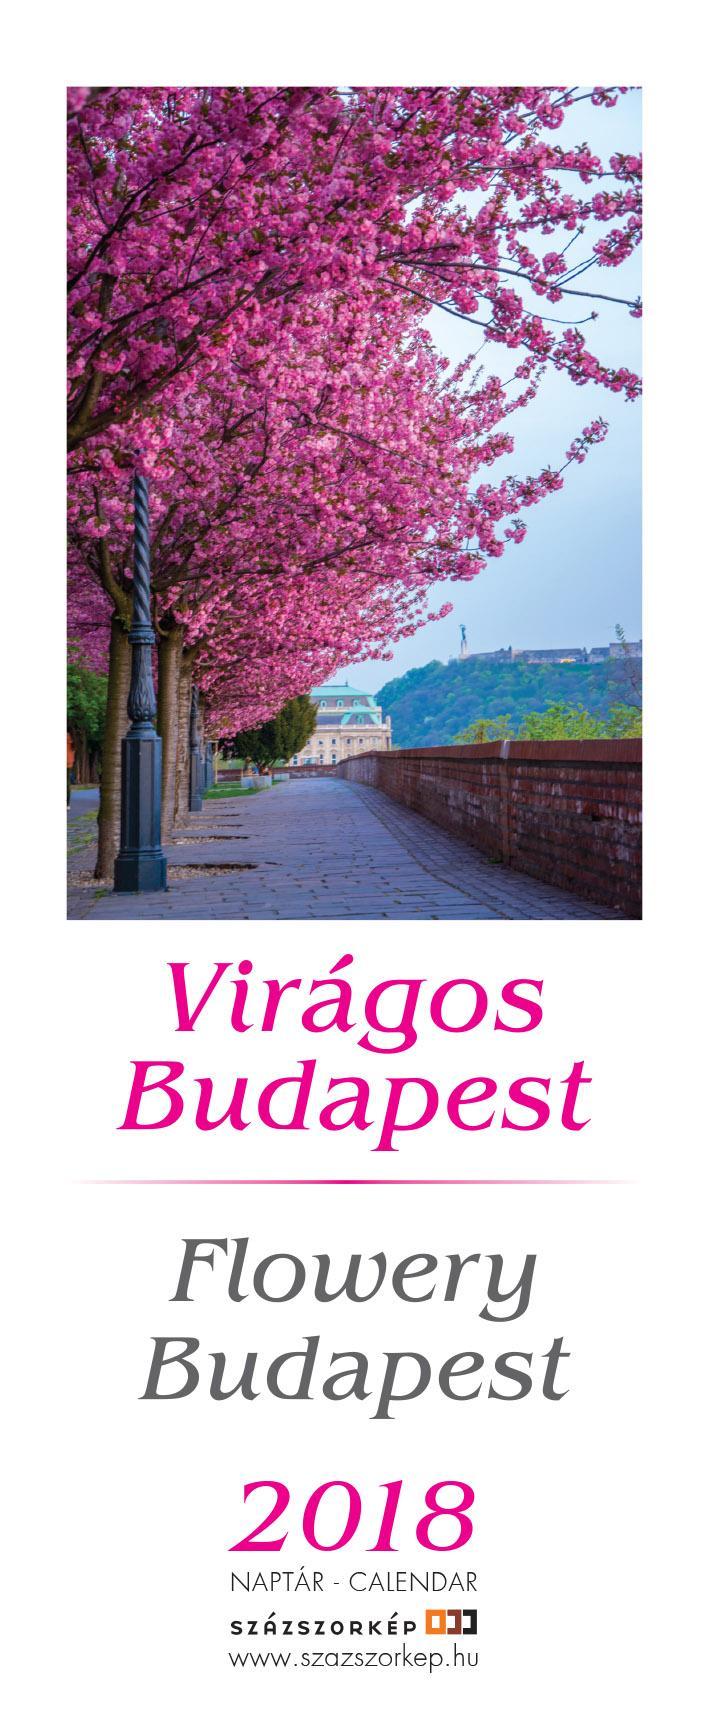 VIRÁGOS BUDAPEST - NAPTÁR 2018 (13,5X33CM)